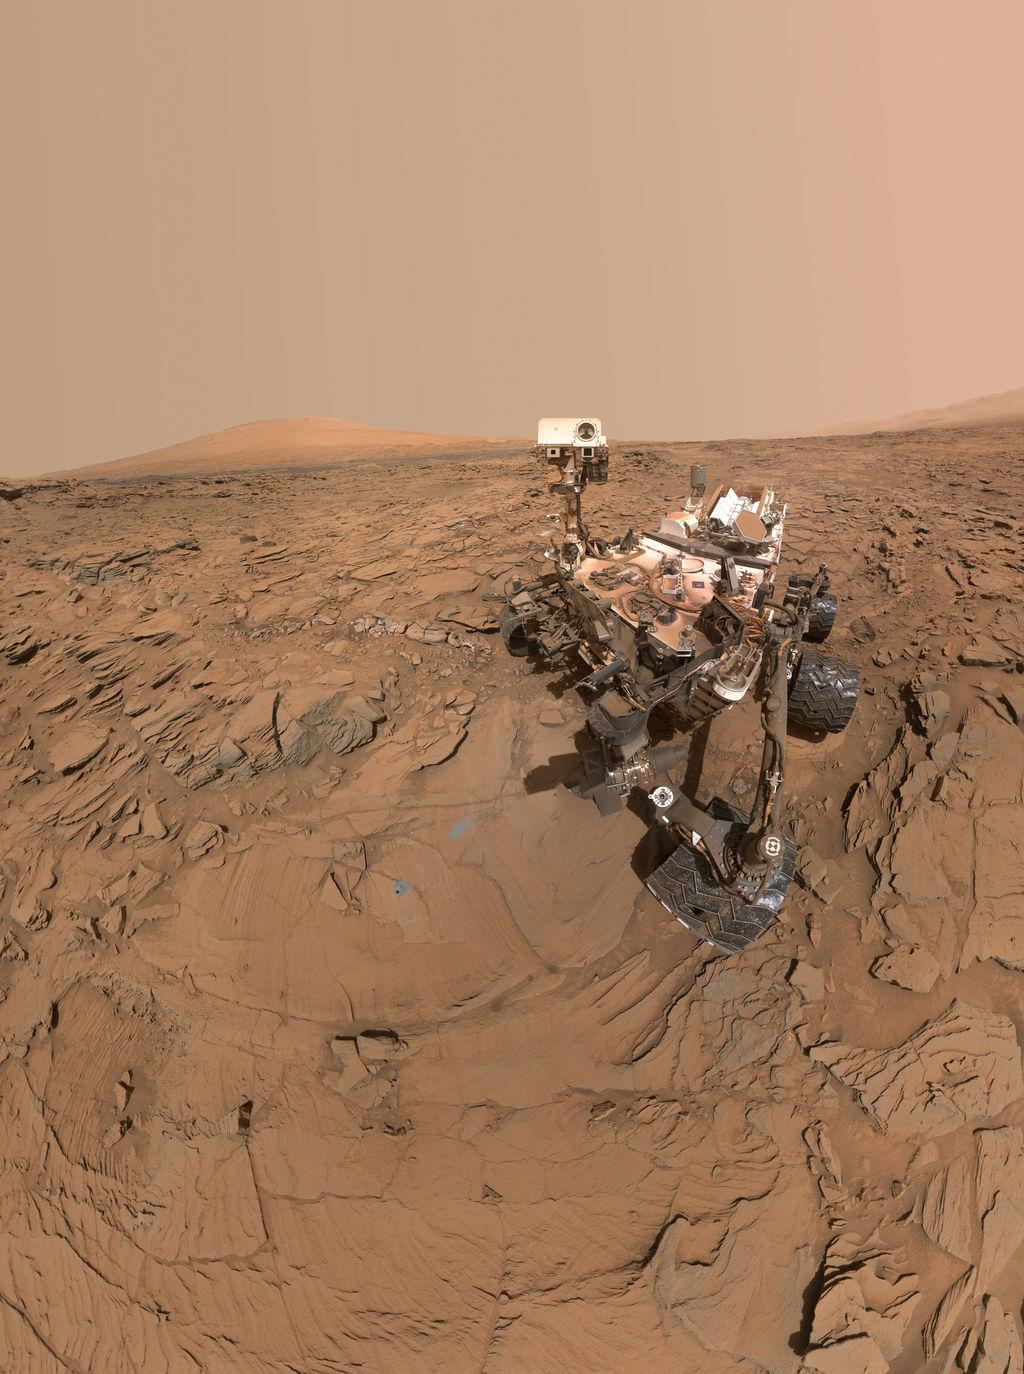 MSL - Curiosity - Selfie - Autoportrait - Juin 2016 - état de santé - roues endommagées - poussière - NASA - JPL - MAHLI - Mars